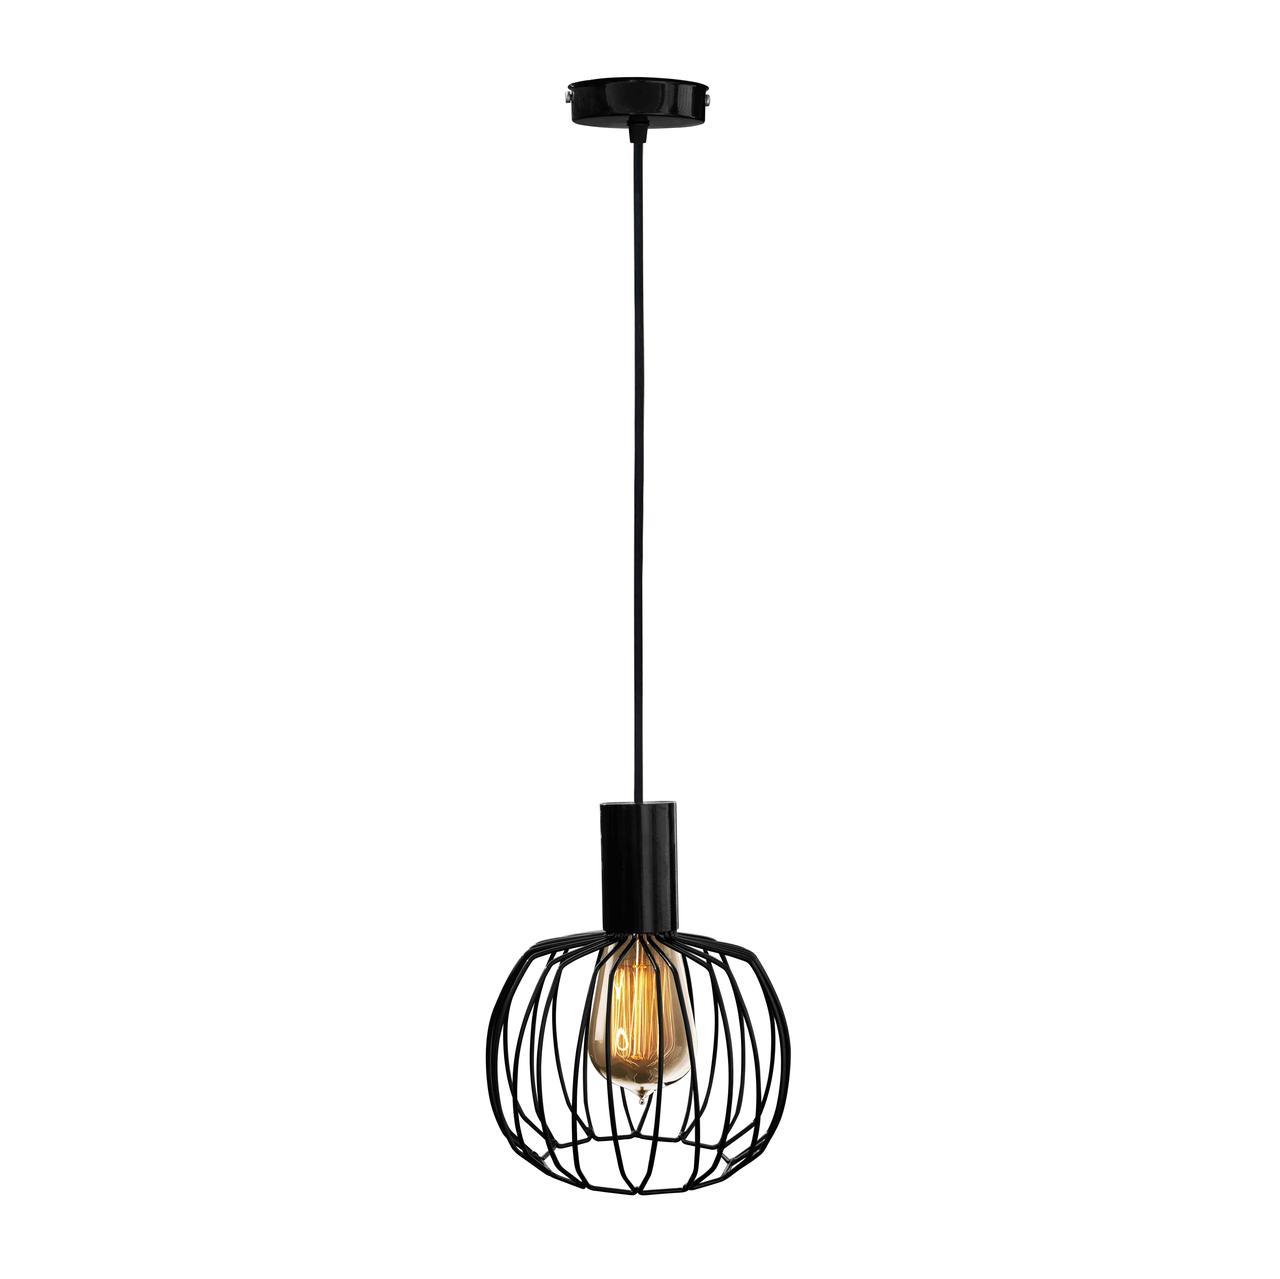 Светильник подвесной MSK Electric NL 200 черный глянец